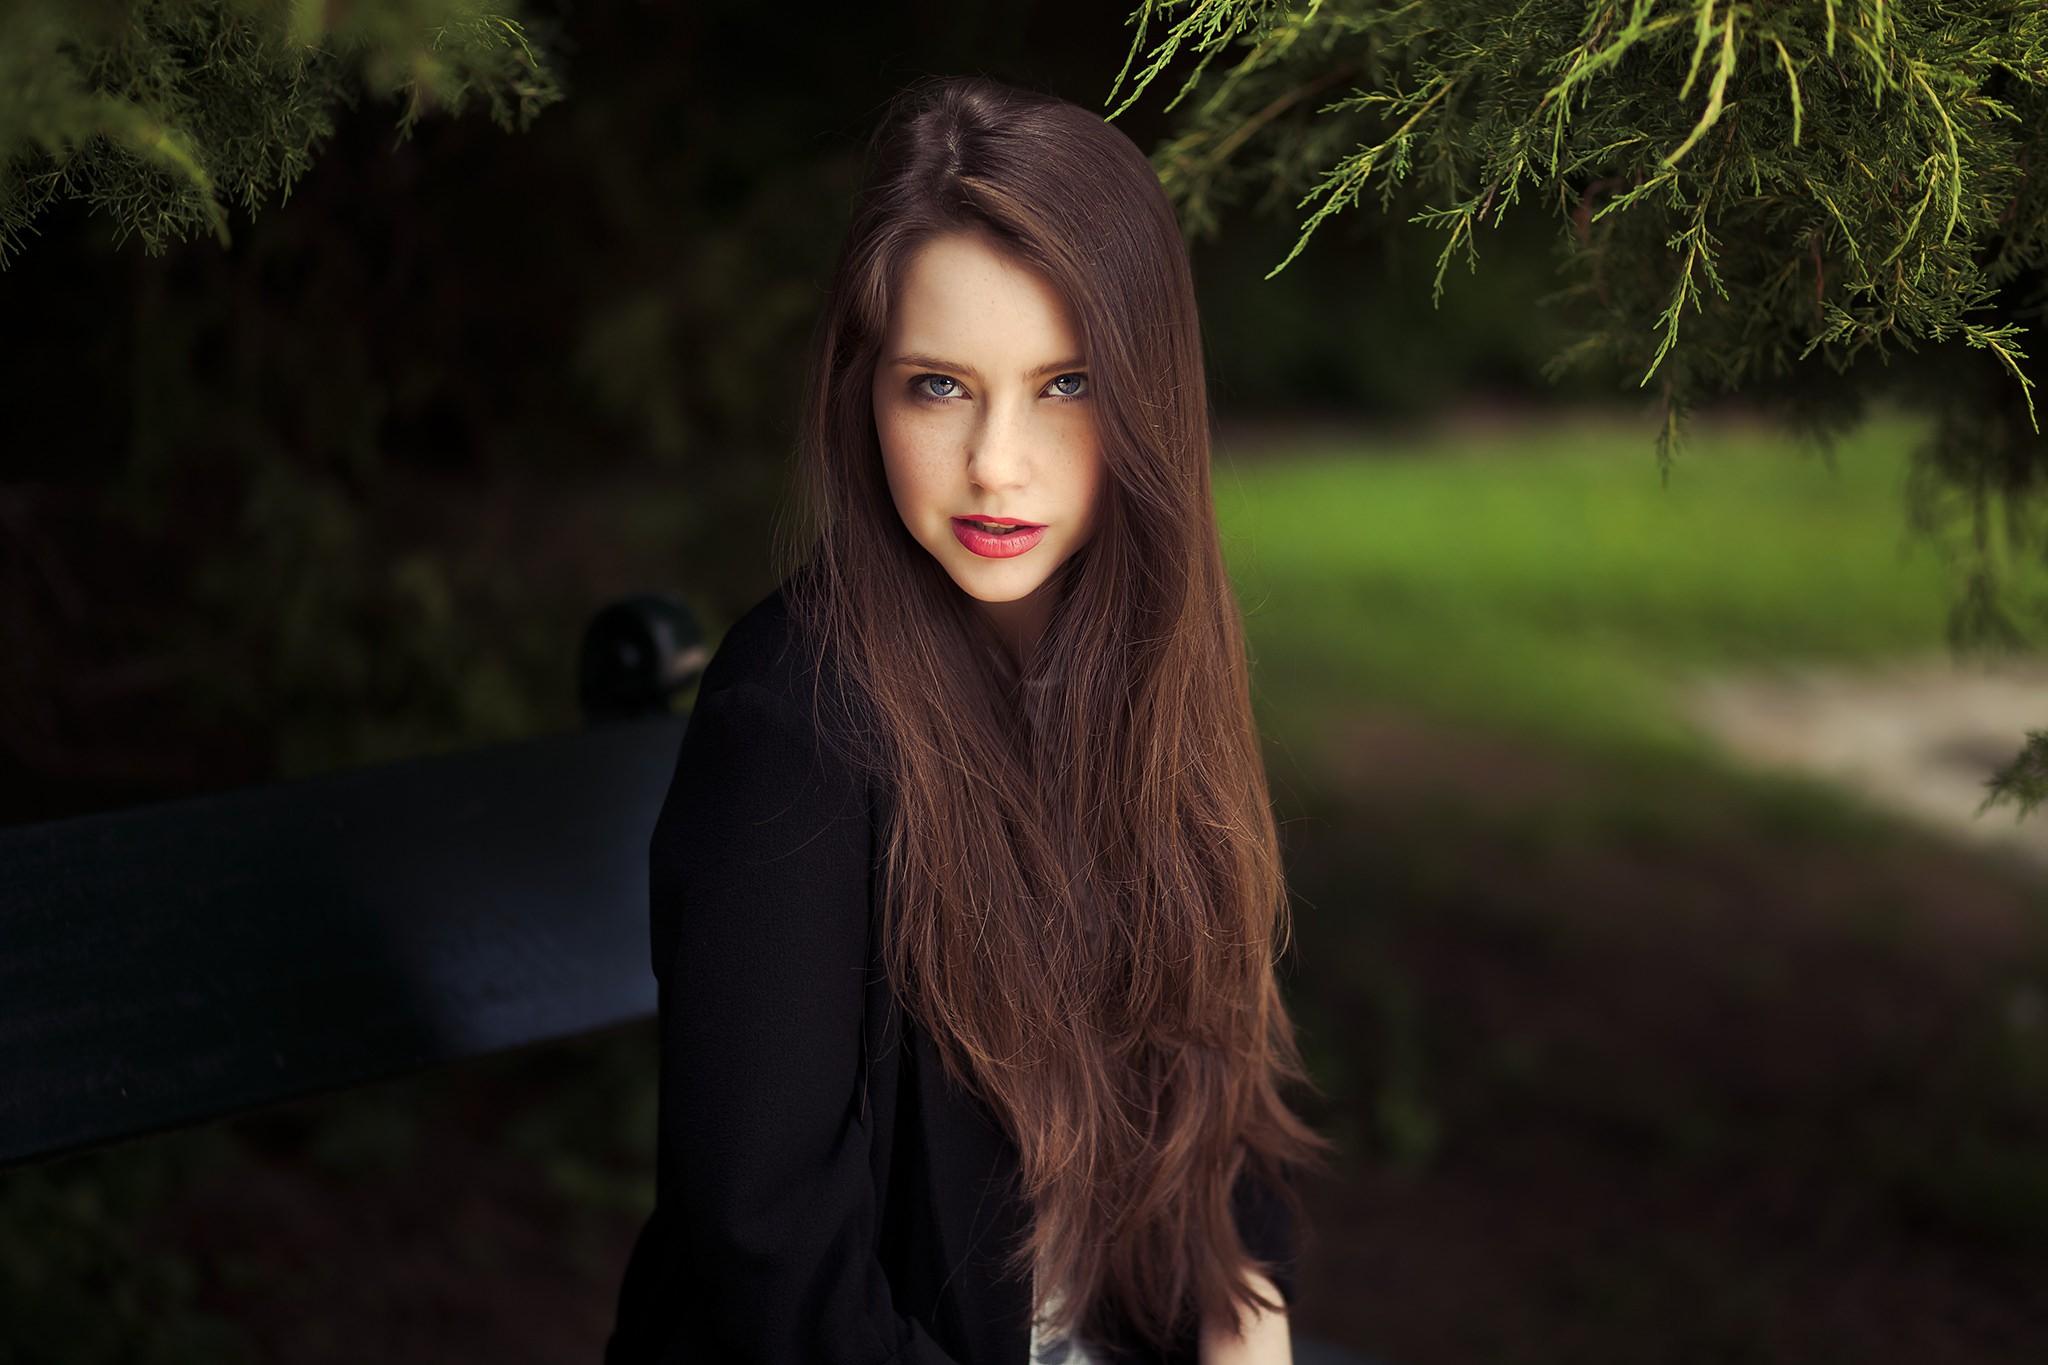 Волосы шатенка картинка